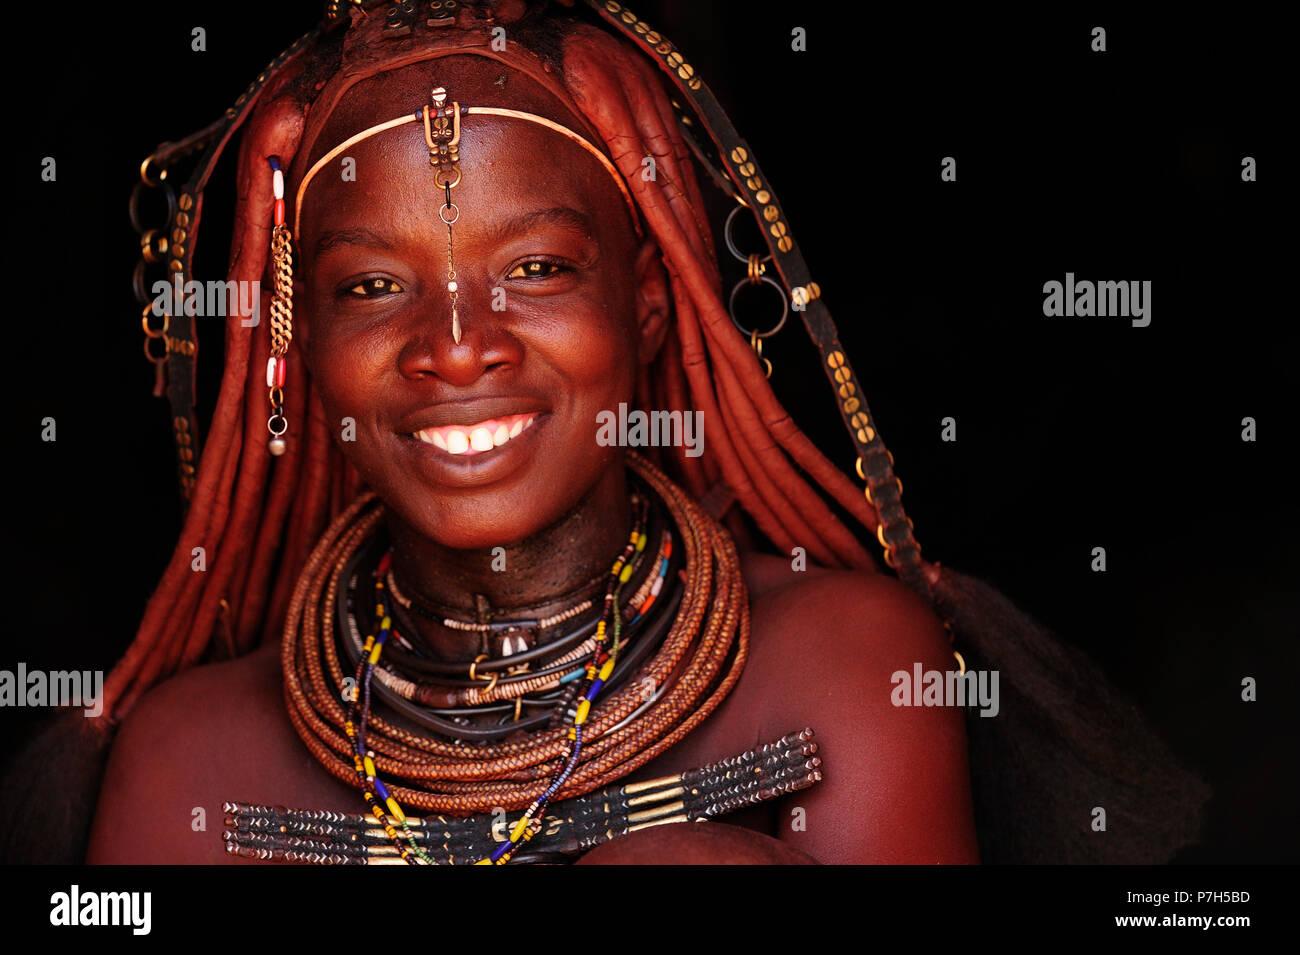 Portrait d'une femme Himba mariés, smiling, District de Kunene Kaokoveld, Namibie, Banque D'Images